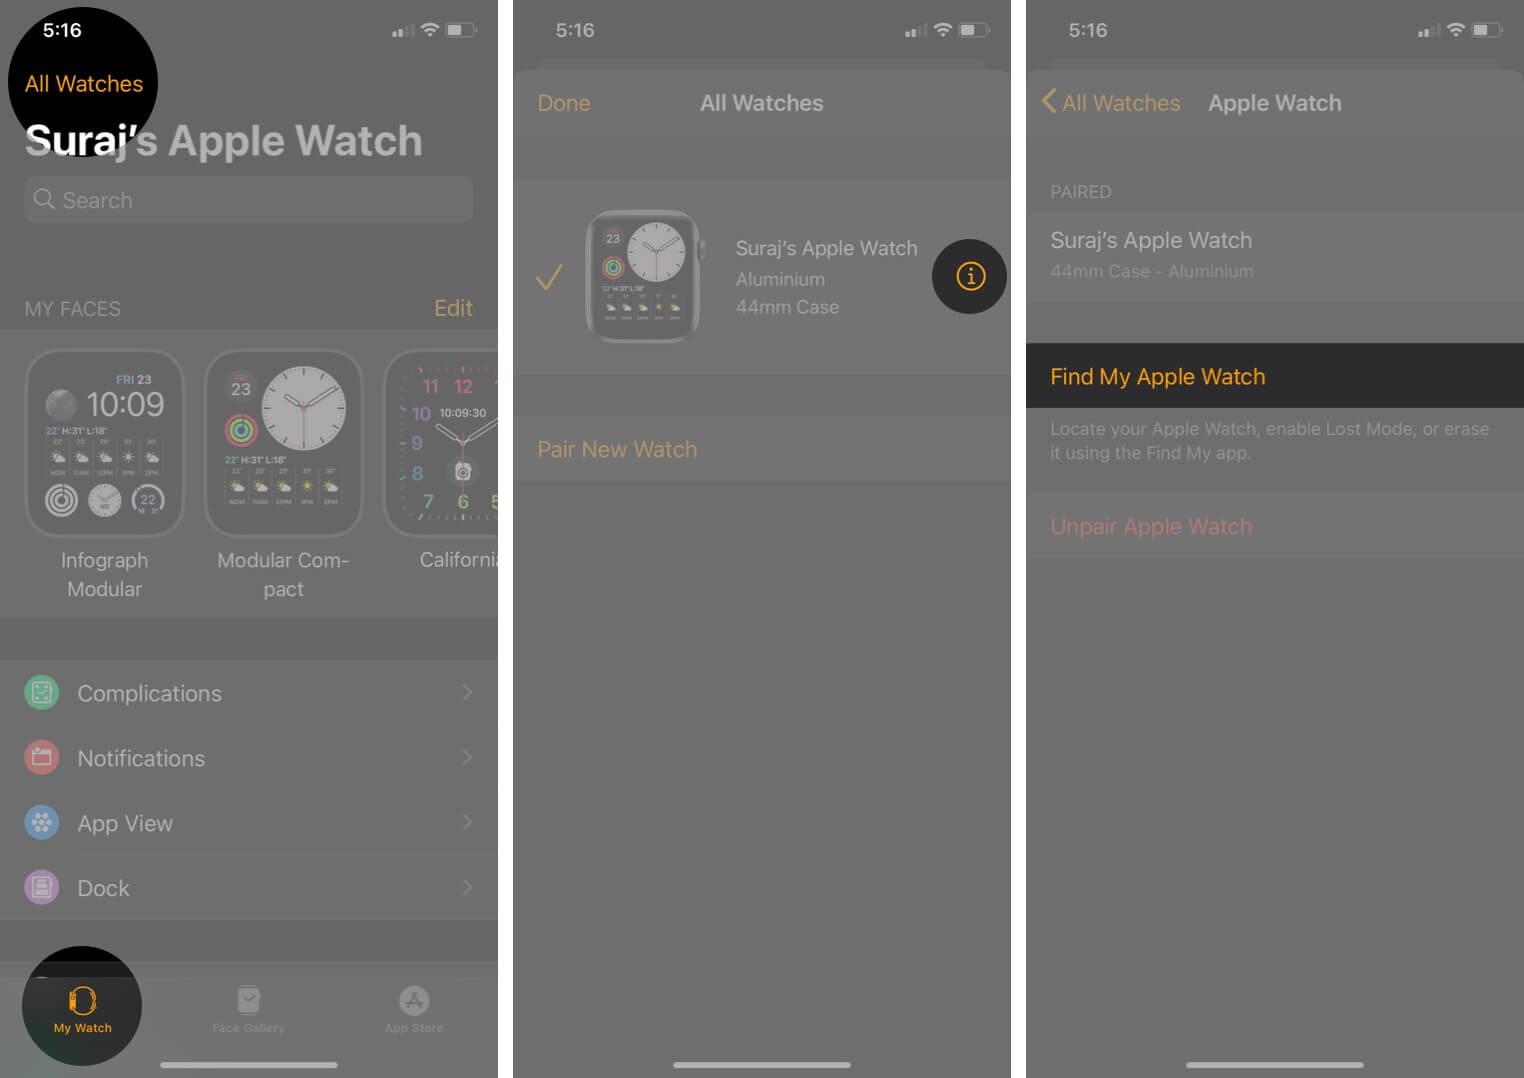 Tippen Sie auf alle Uhren in meinem Uhren-Tab. Tippen Sie auf i und dann auf Meine Apple-Uhr in der Uhren-App auf dem iPhone suchen